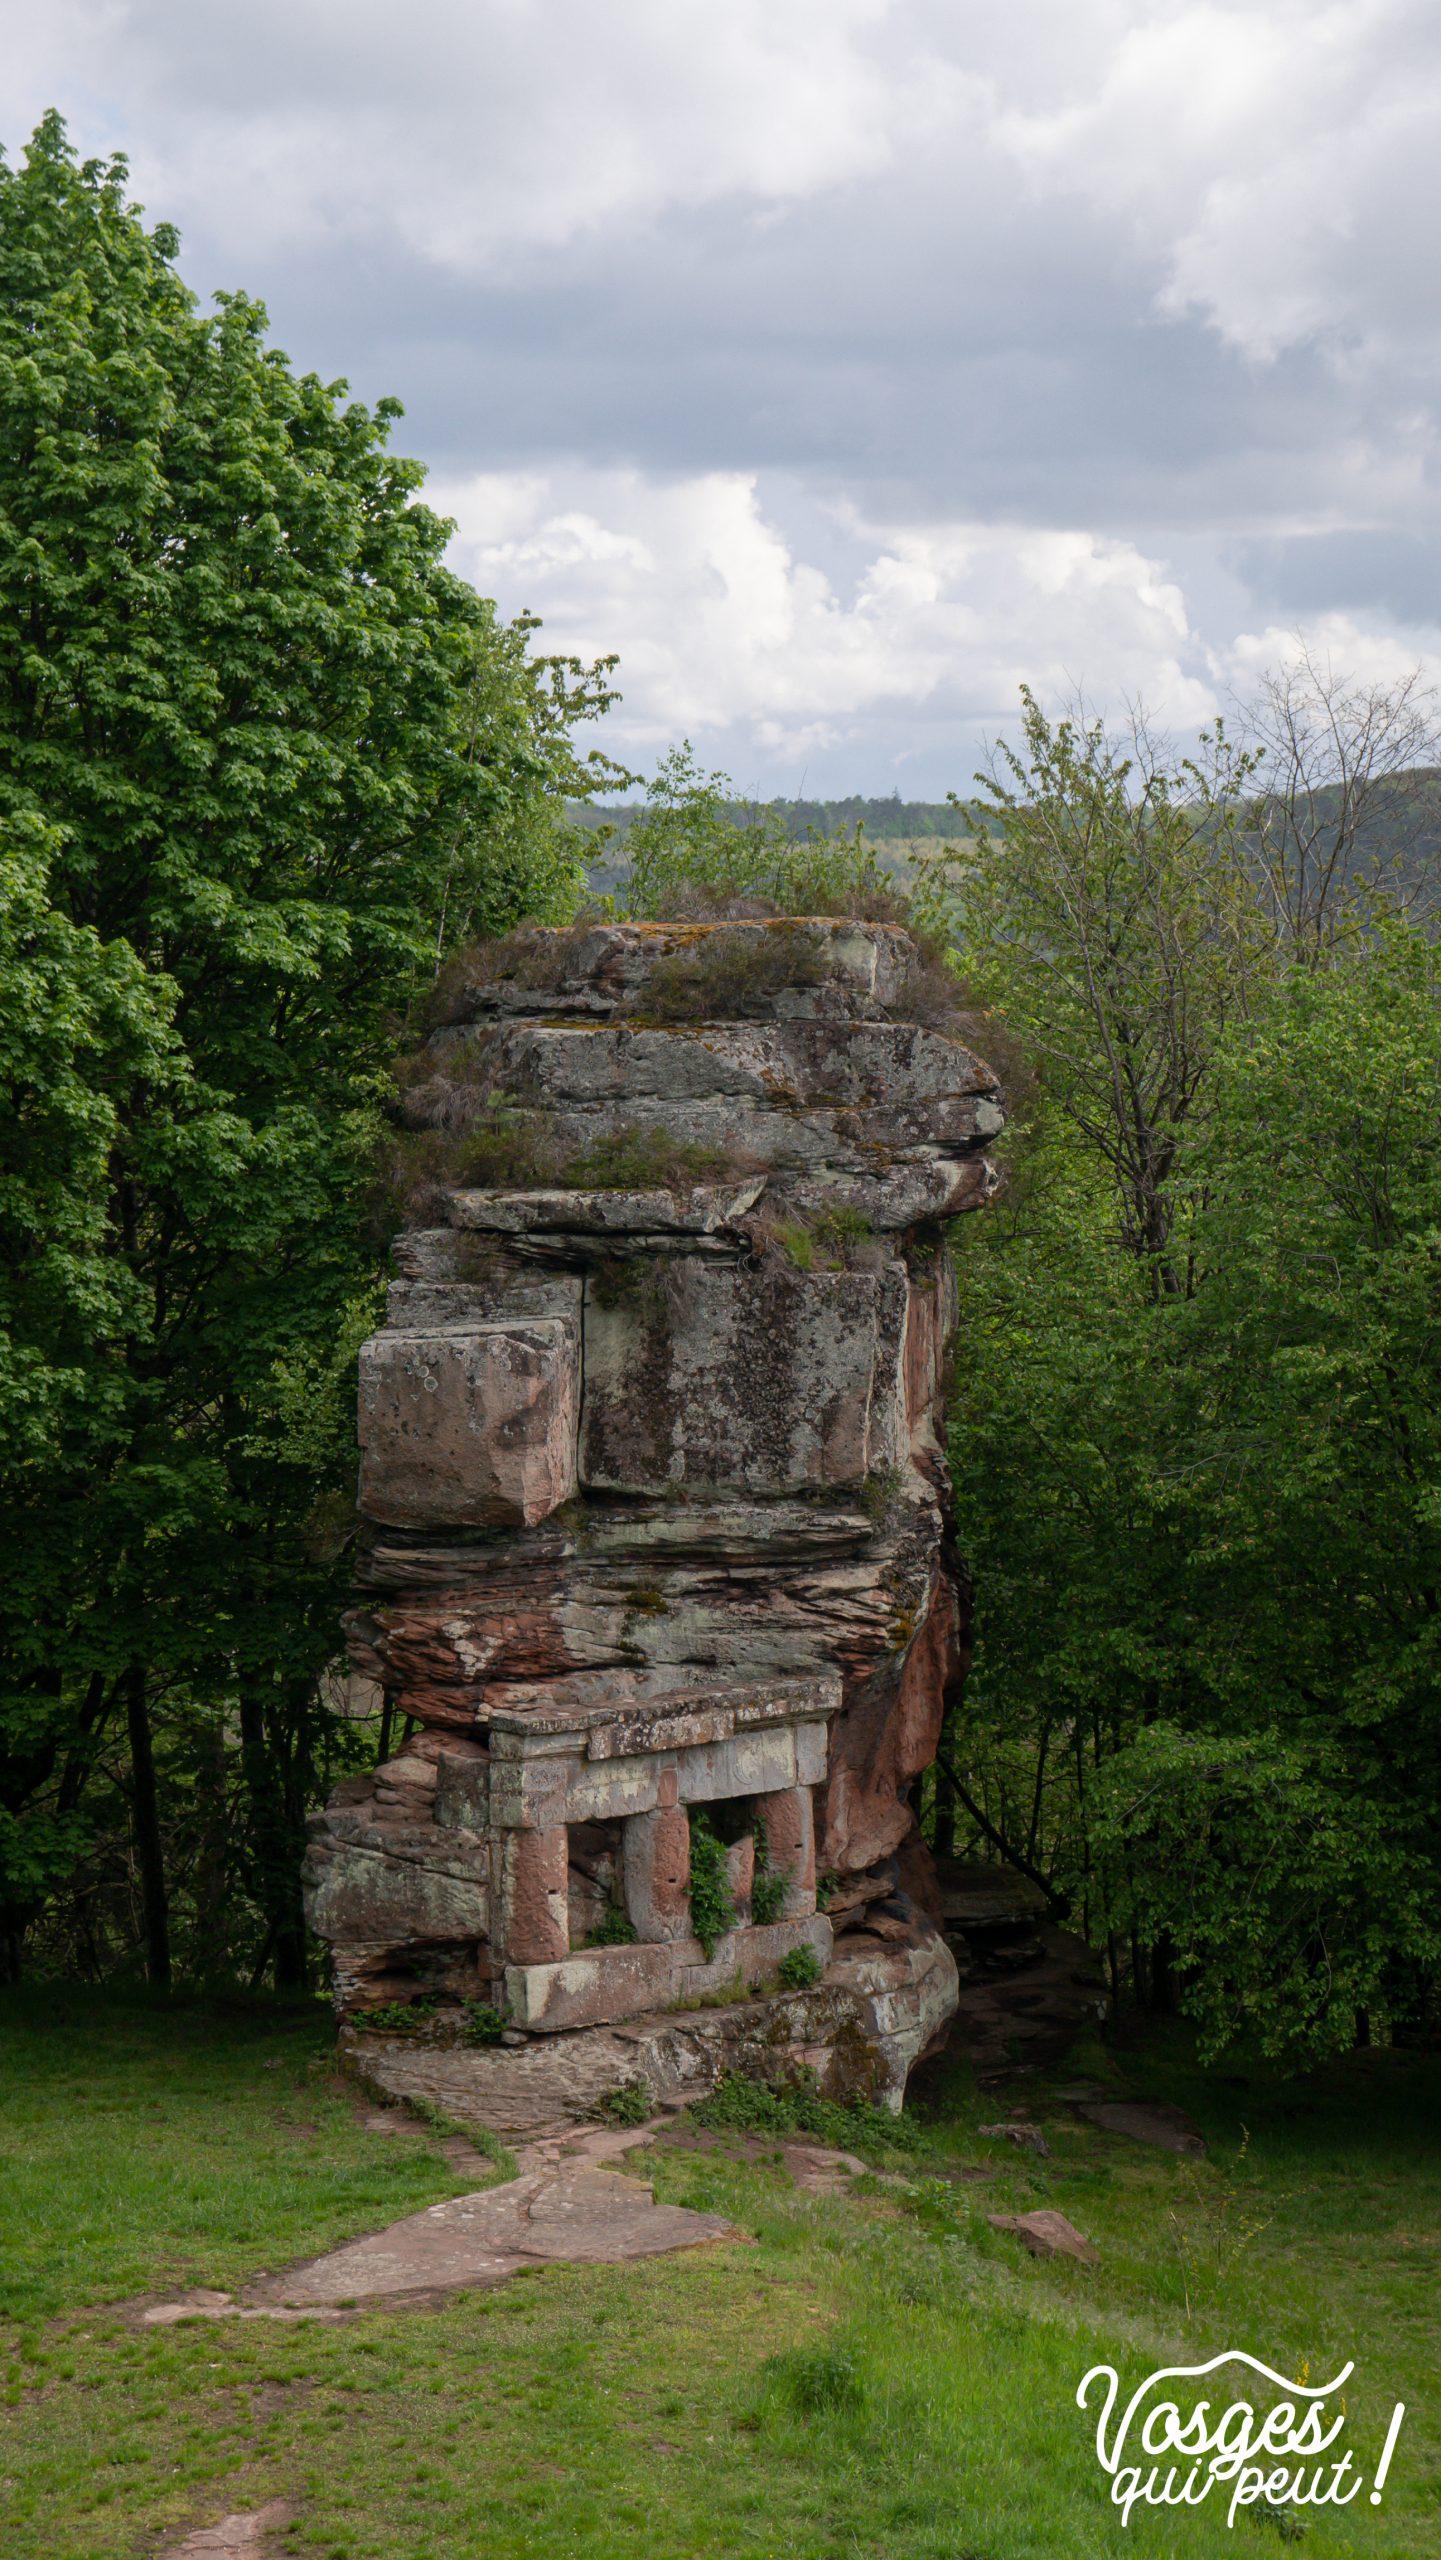 L'ancienne tour de guet romaine